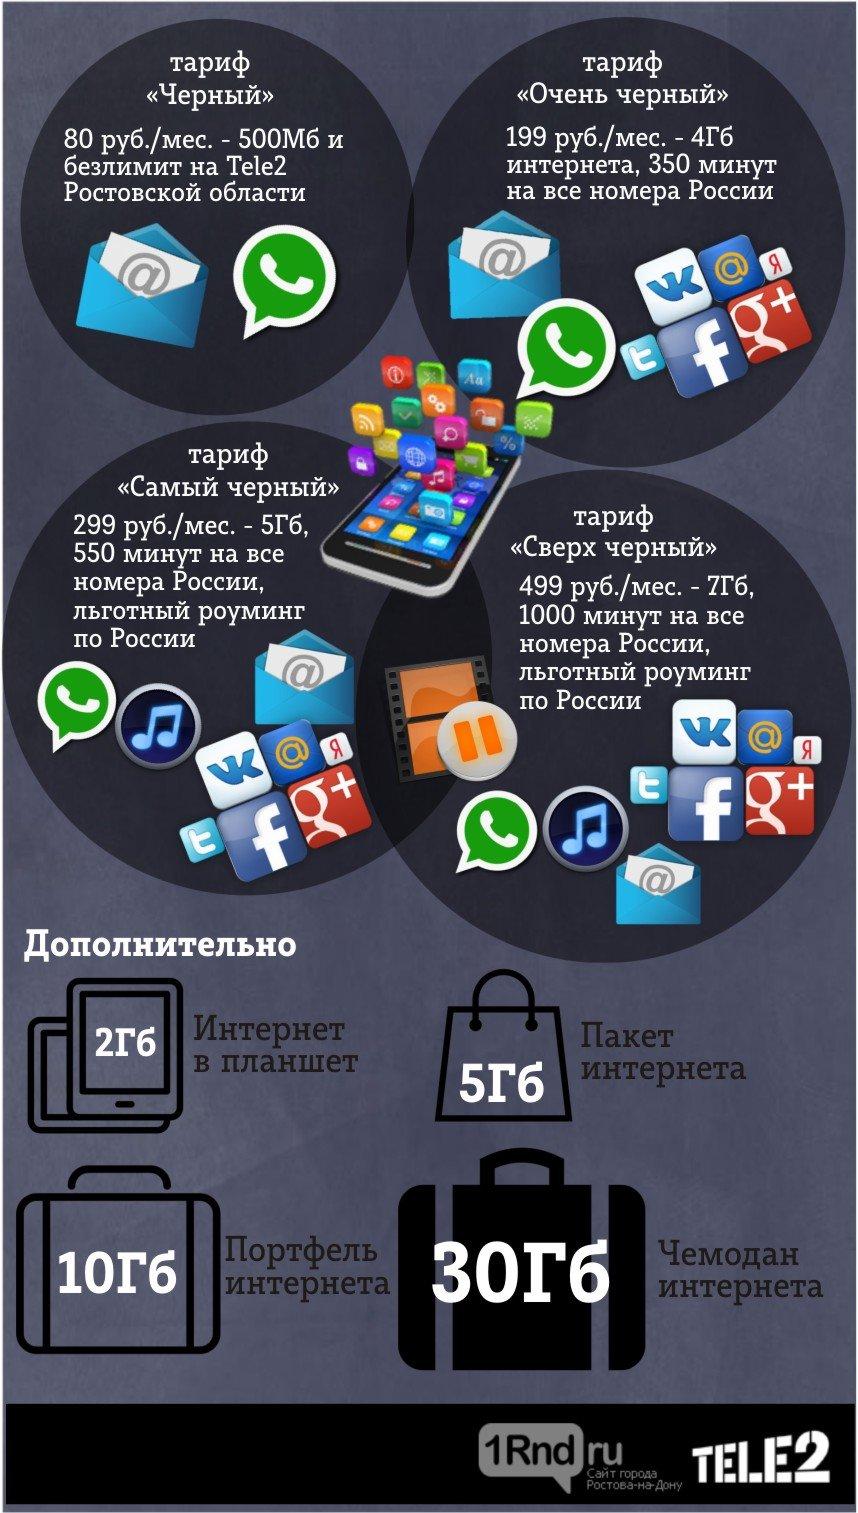 Интернет-трафик в сети Tele2 вырос в 15 раз, фото-1